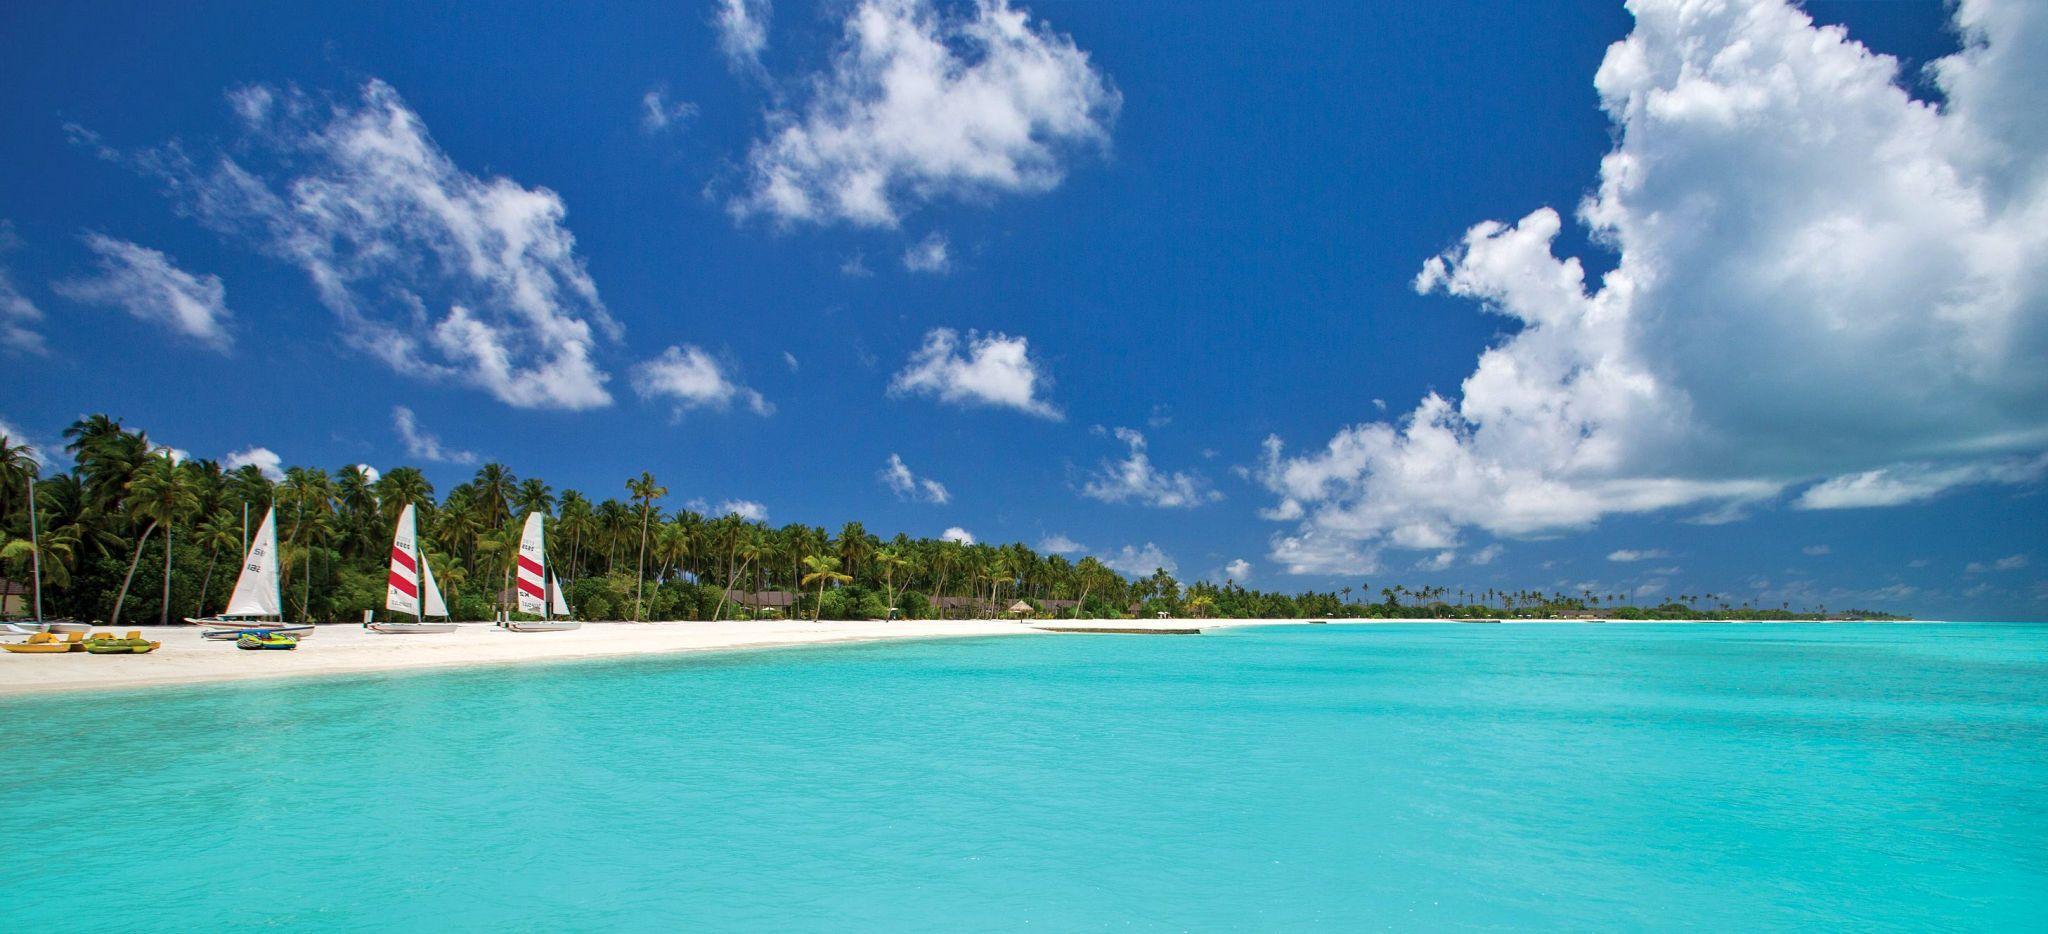 Mehrere Segelboote aufgereit auf einem Strand auf den Malediven. Das Hotel Atmosphere Kanifushi